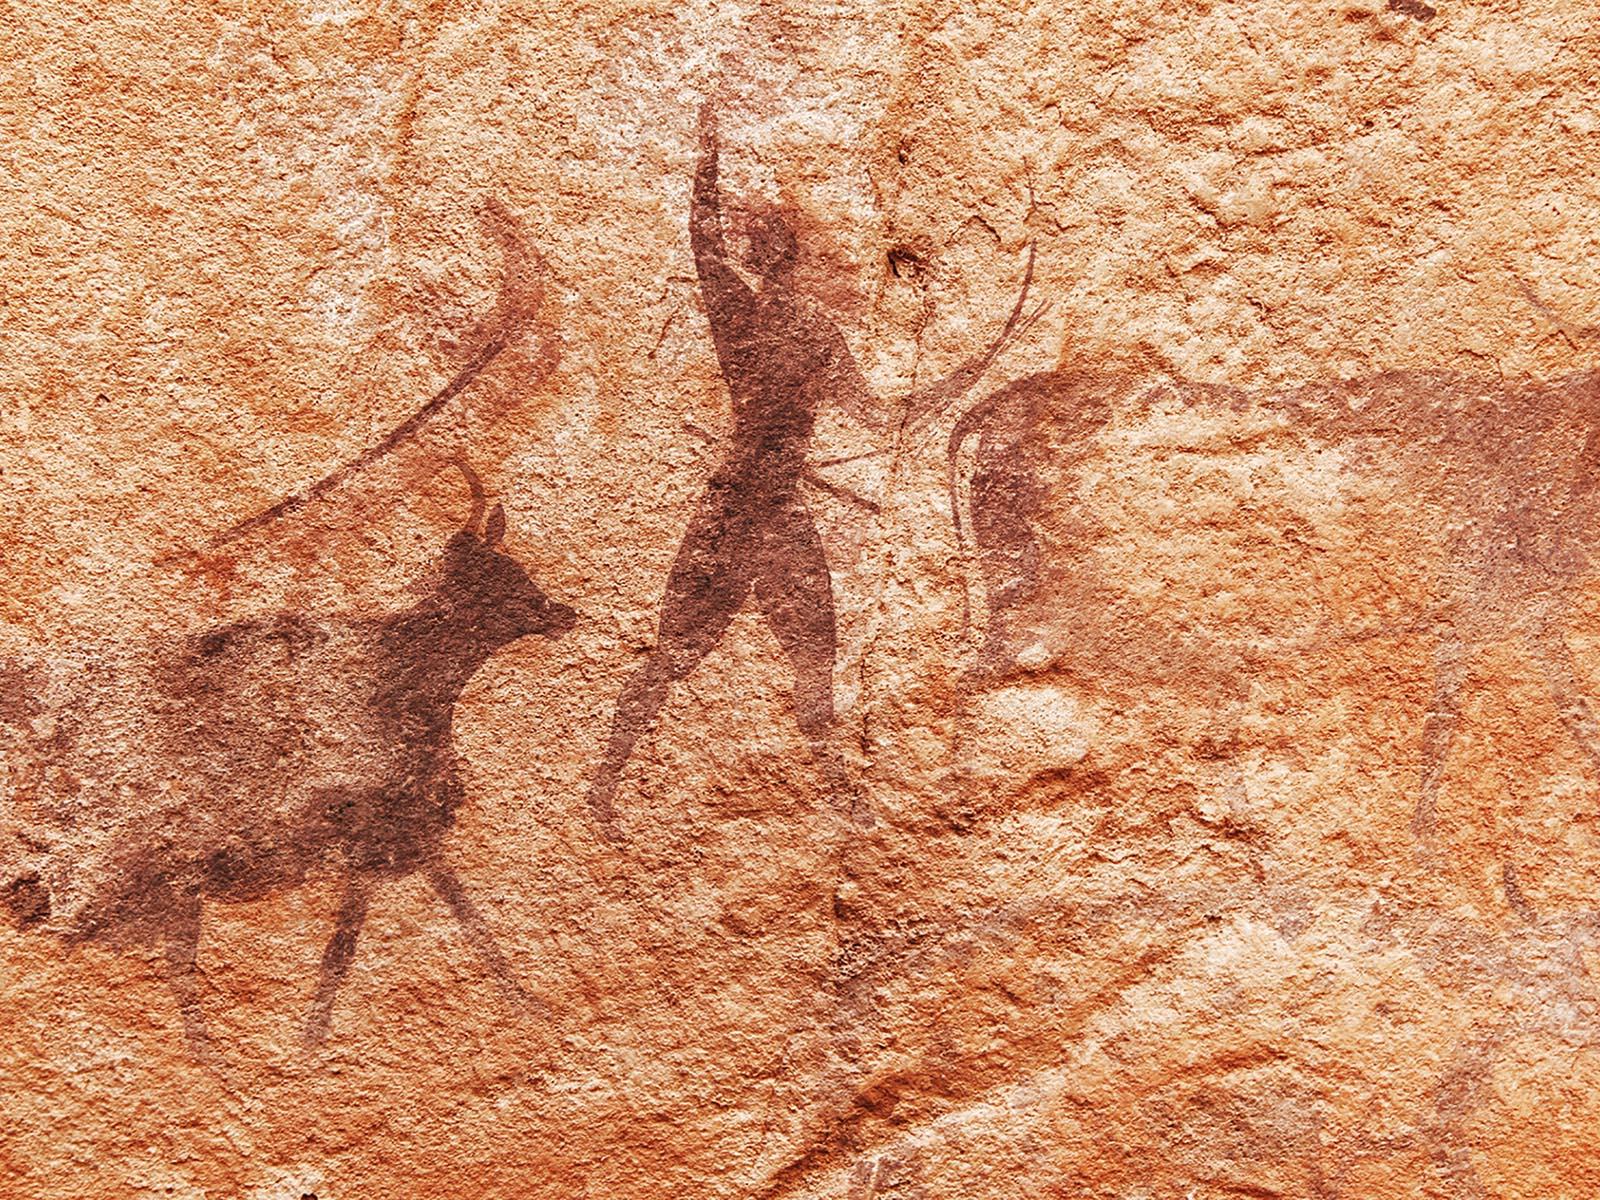 Höhlenmalerei in Form von Piktogrammen aus der Steinzeit.